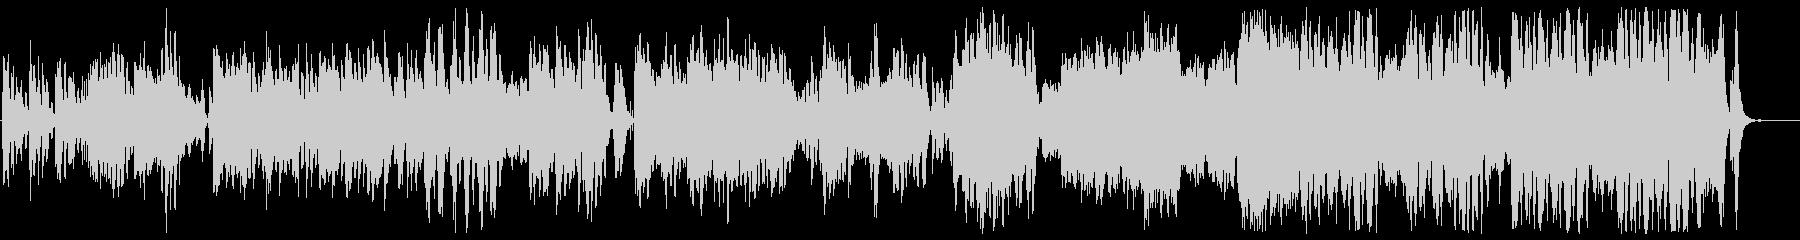 メルヘンで優しいシンセサウンドの未再生の波形